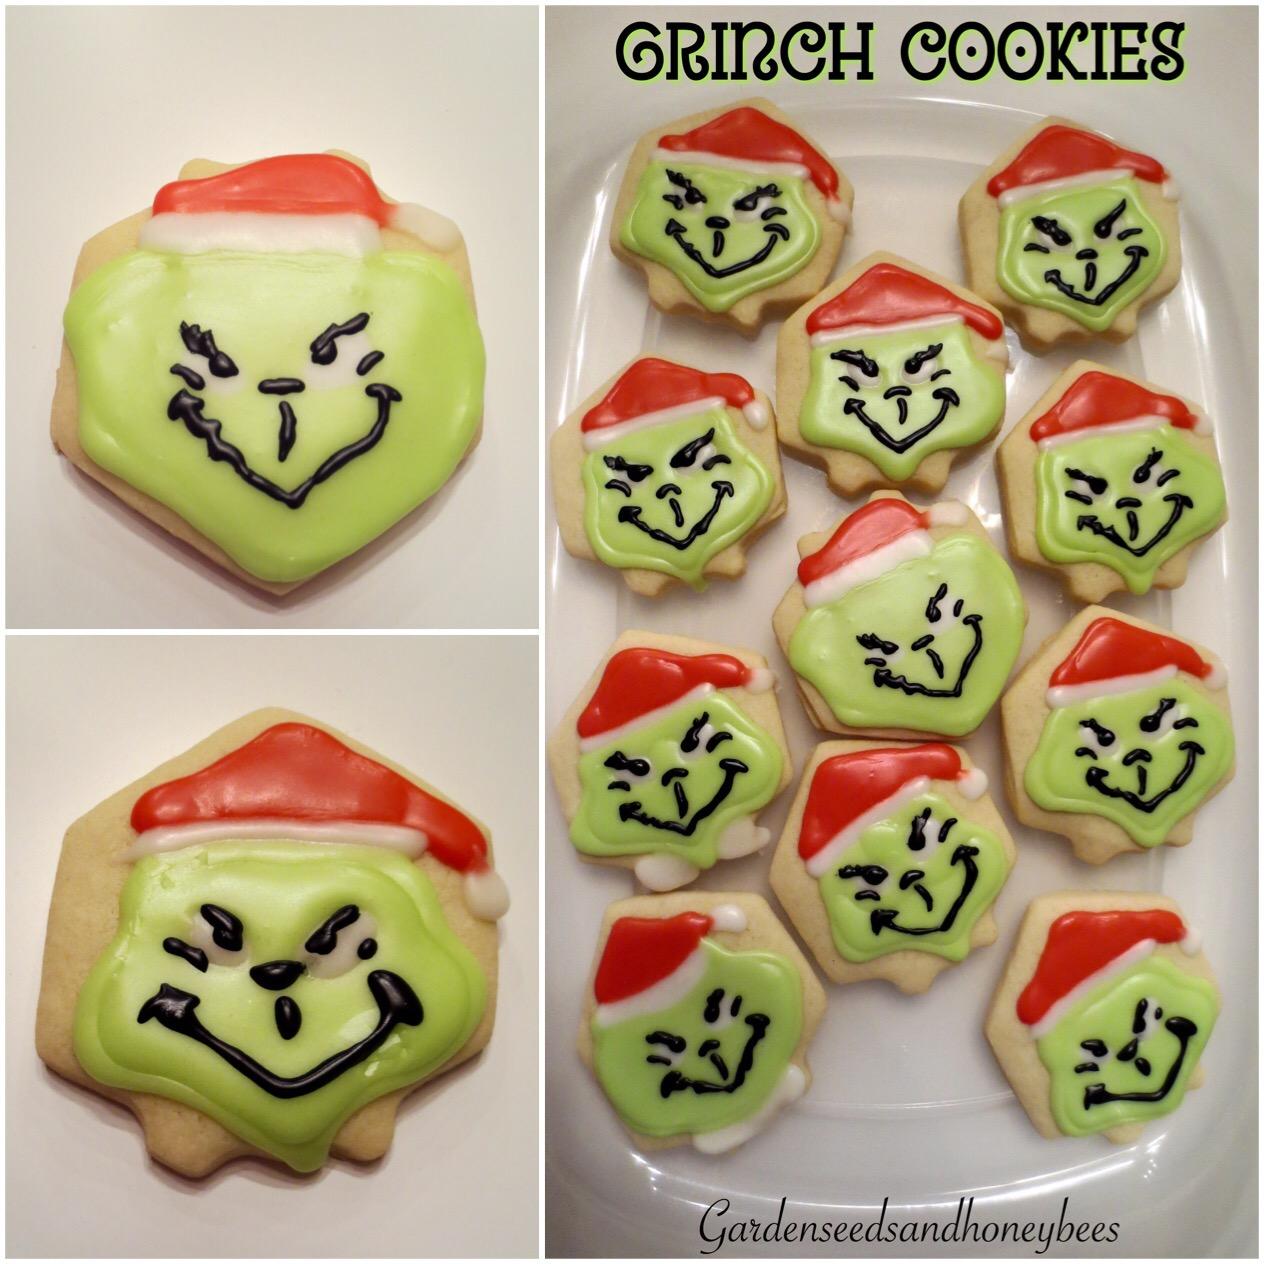 Grinch Heart Cookies Garden Seeds And Honey Bees